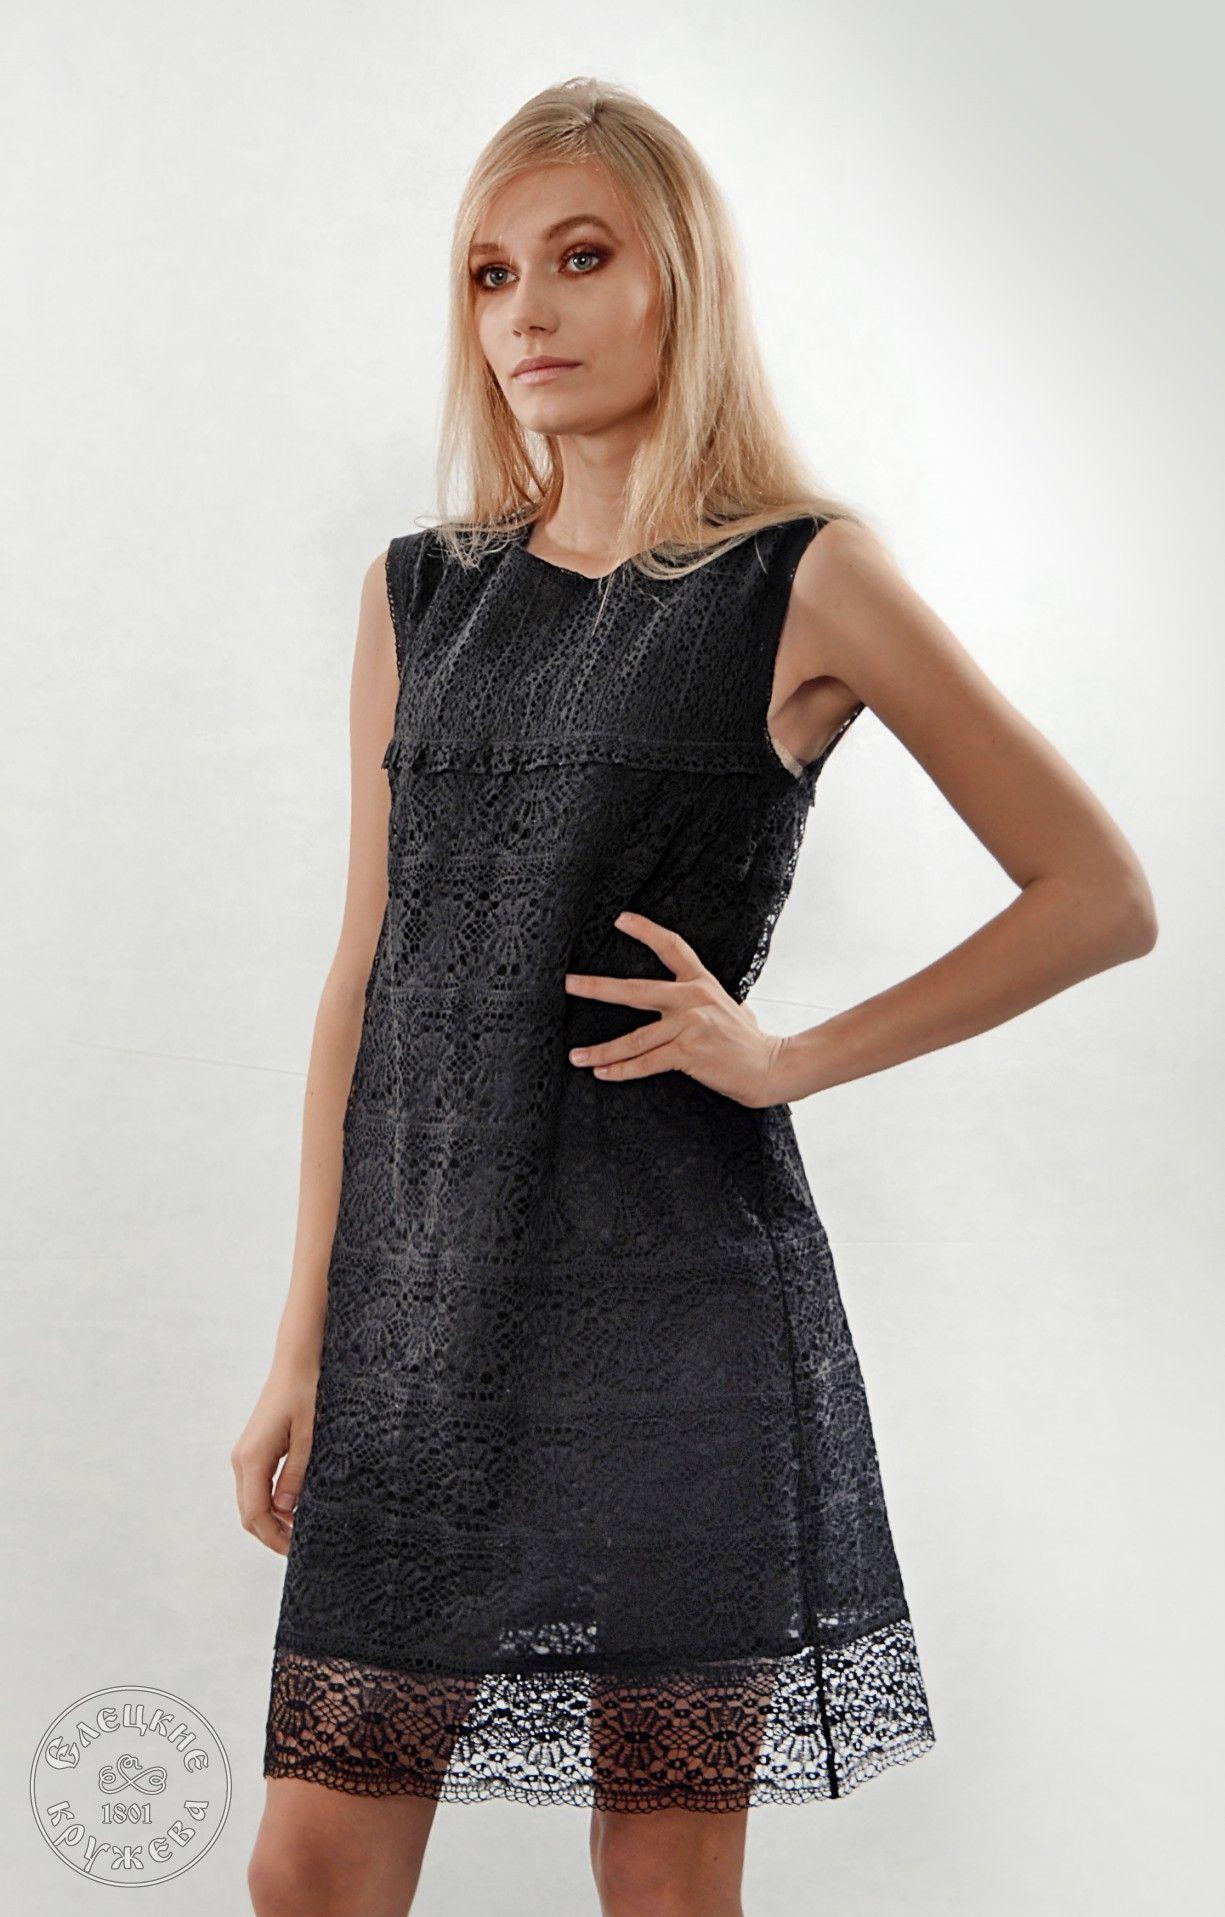 Yelets lace / Women's lace dress С2155